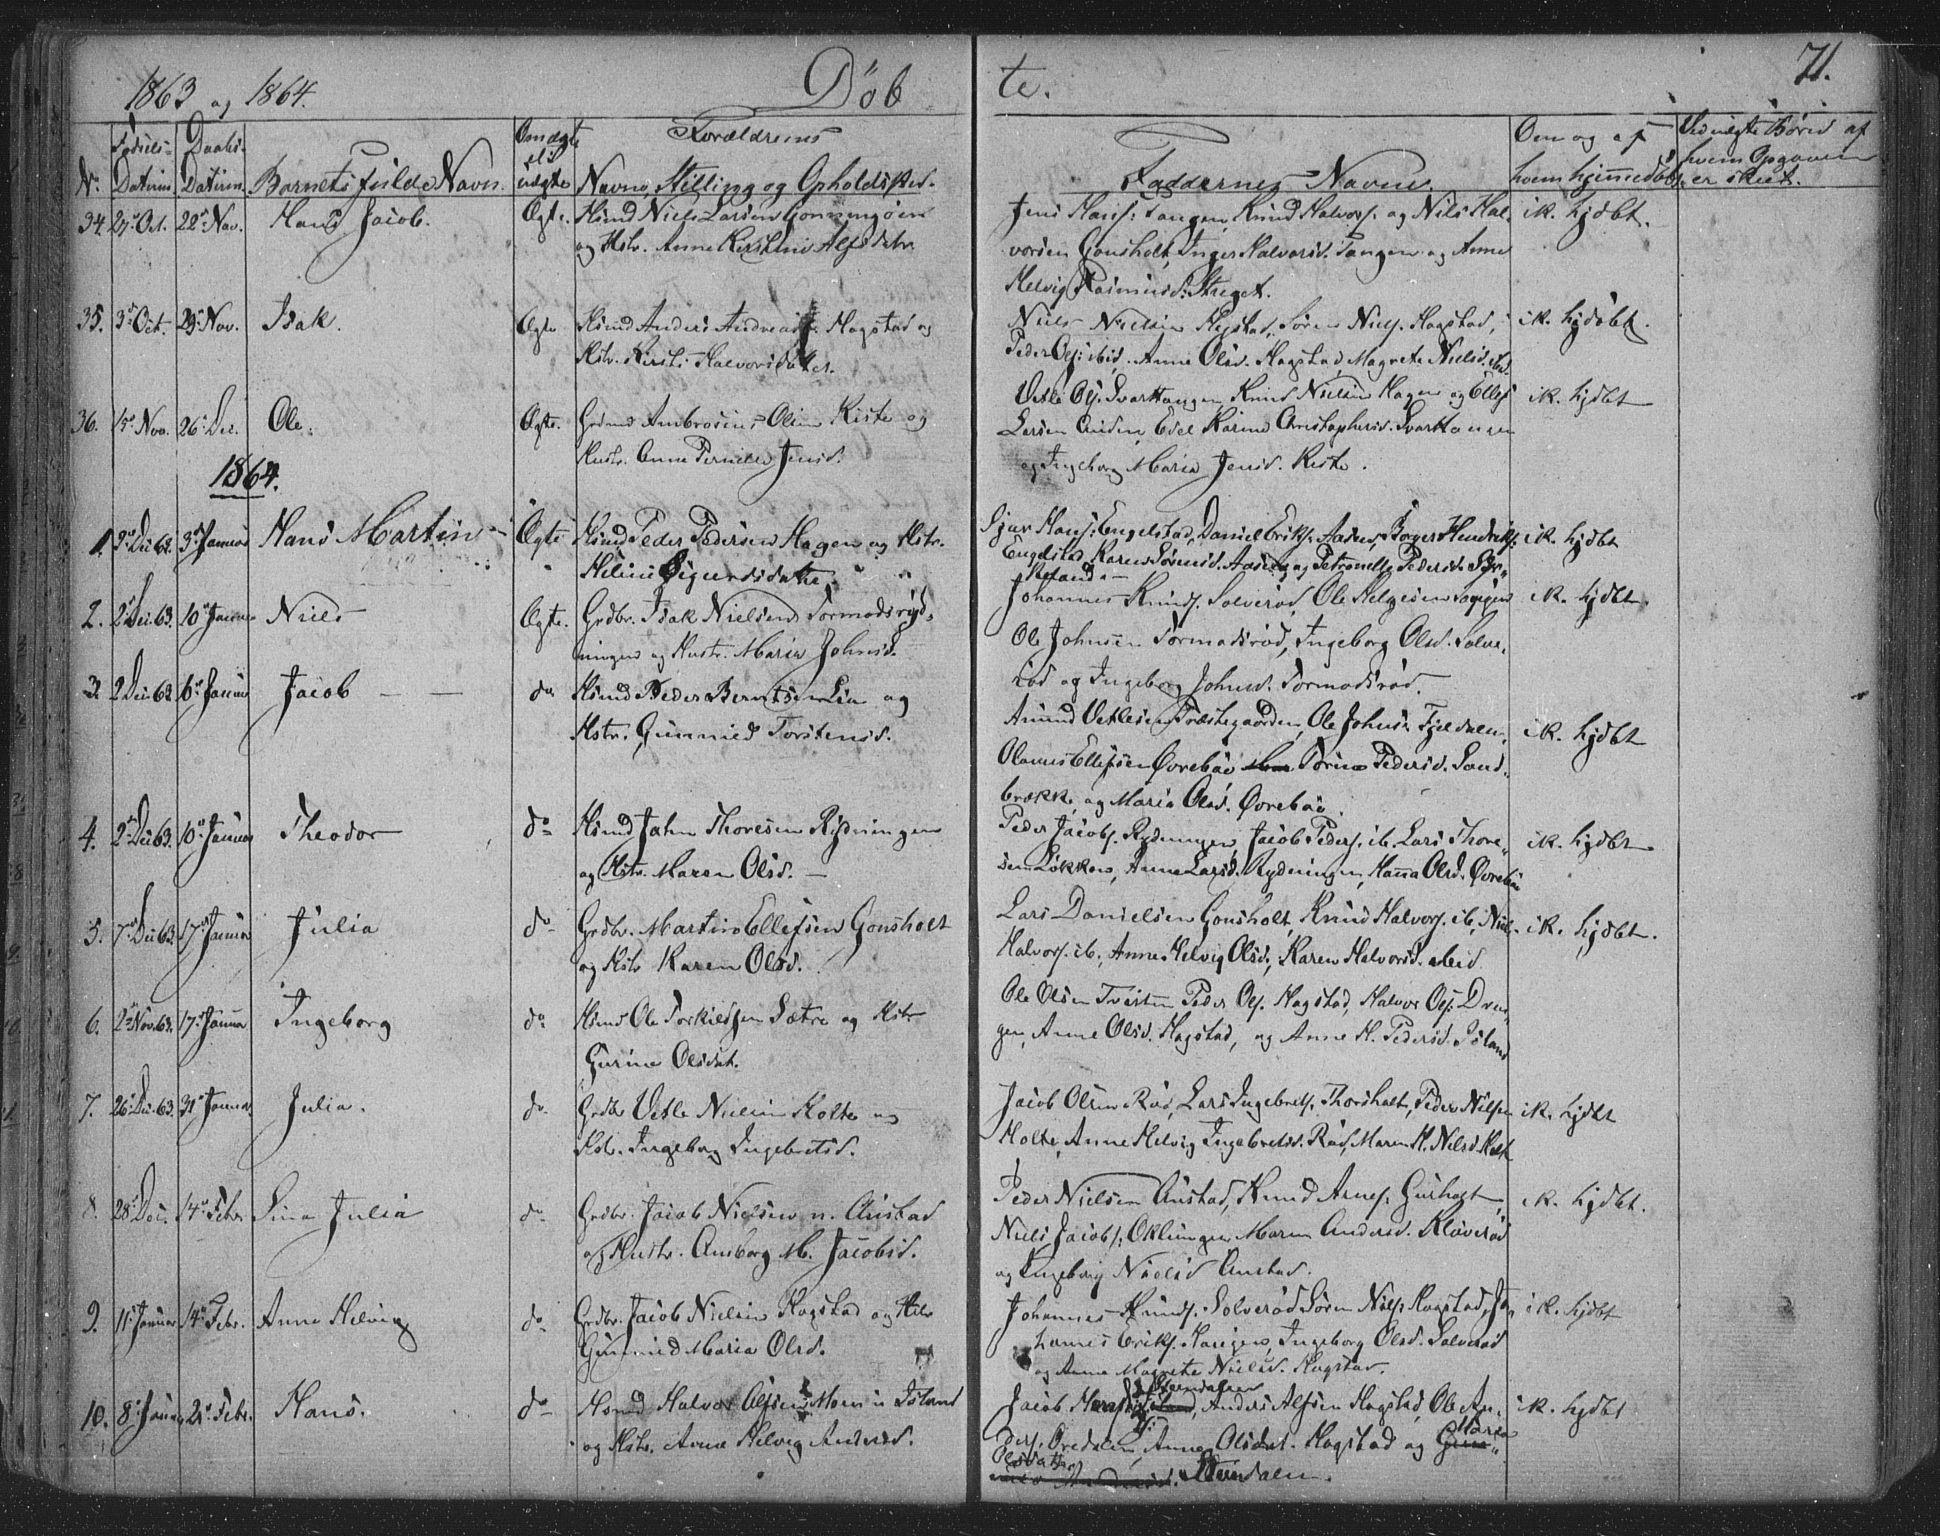 SAKO, Siljan kirkebøker, F/Fa/L0001: Ministerialbok nr. 1, 1831-1870, s. 71